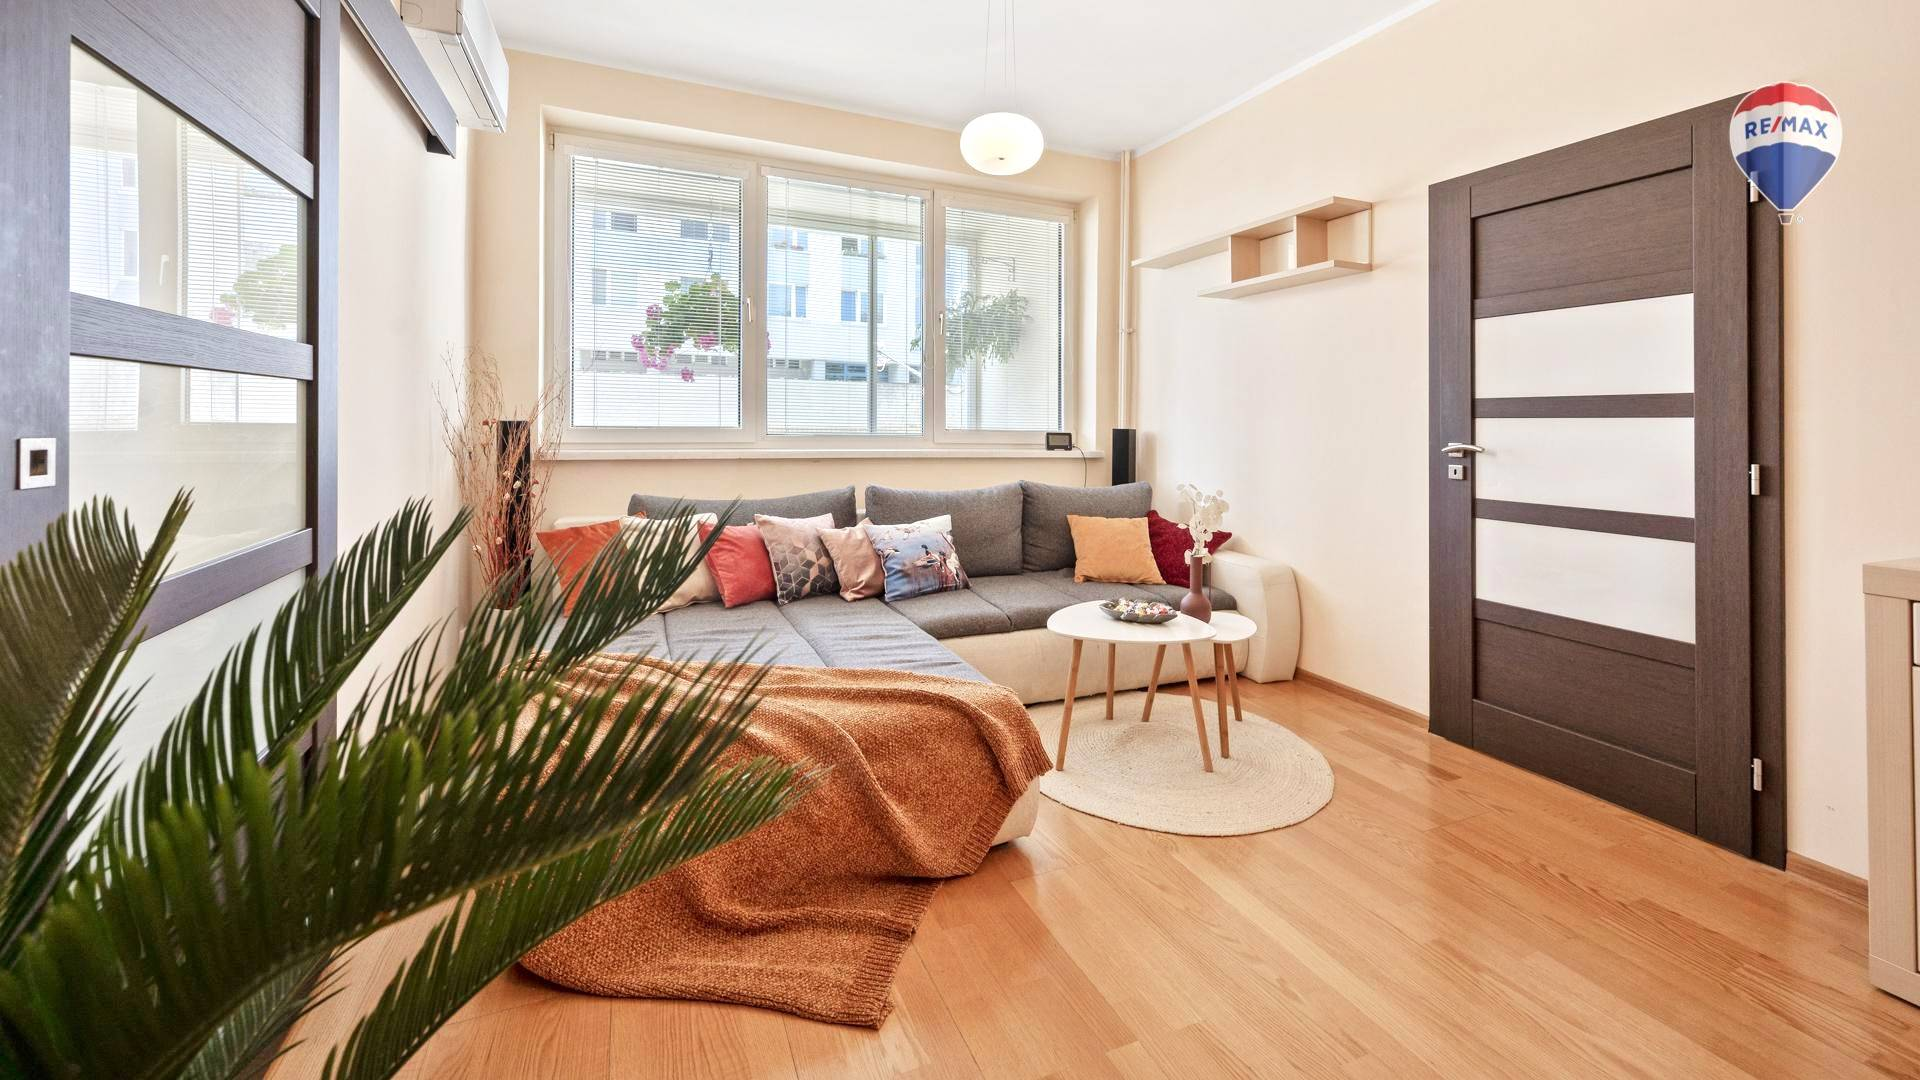 Predaj bytu (4 izbový) 96 m2, Bratislava - Karlova Ves - Obývacia izba